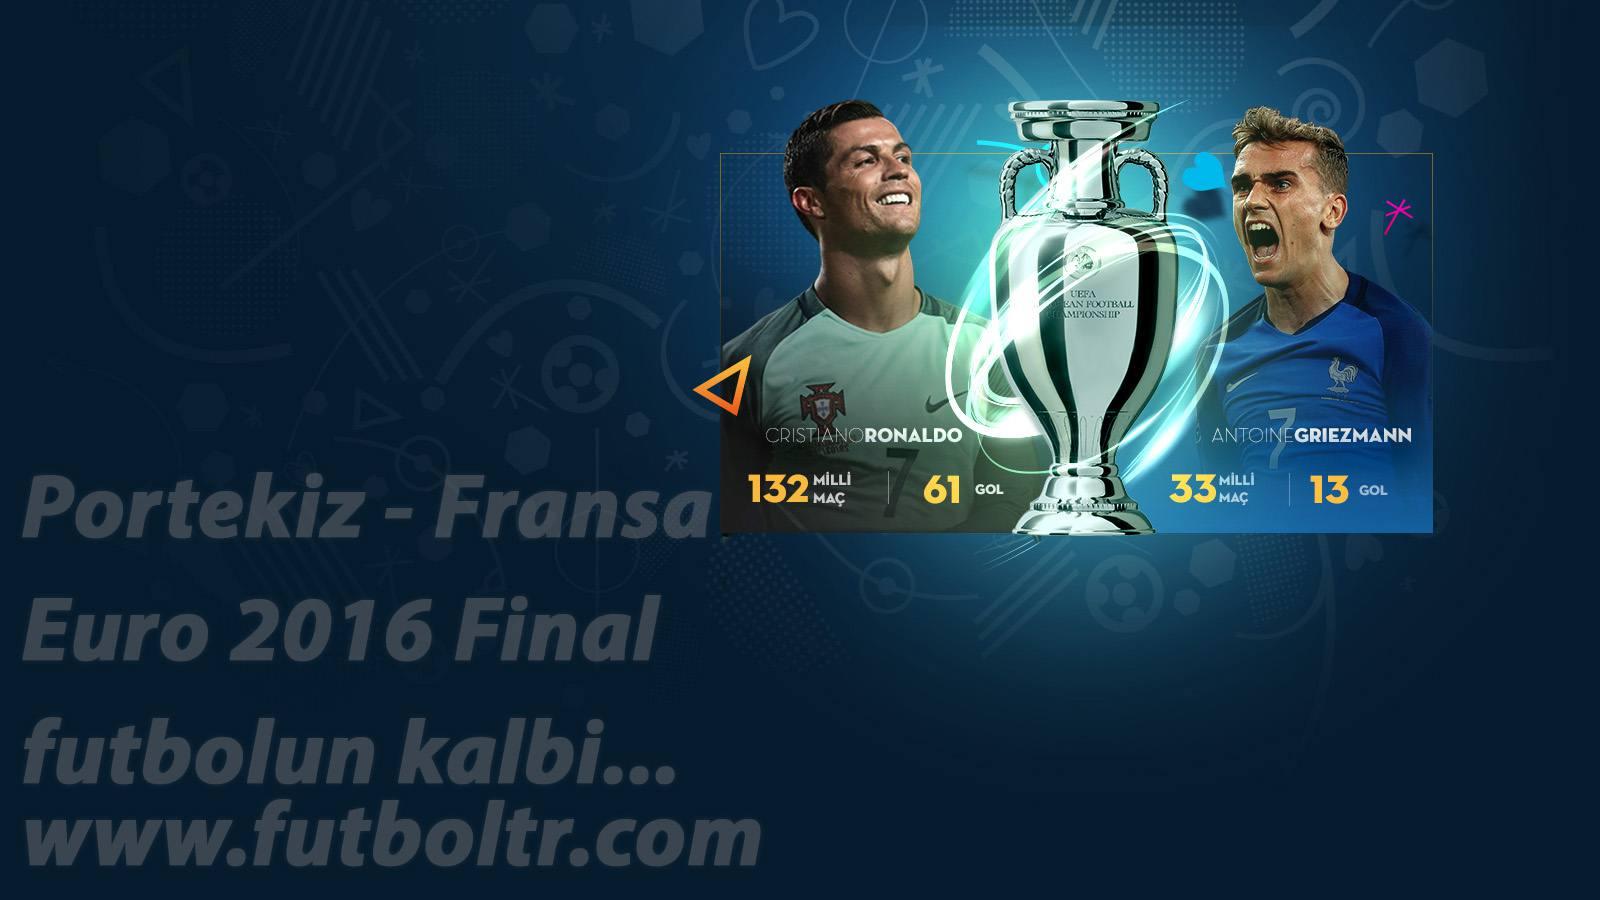 Portekiz Fransa Maç Analizi (10.07.2016) İddaa Tahminleri